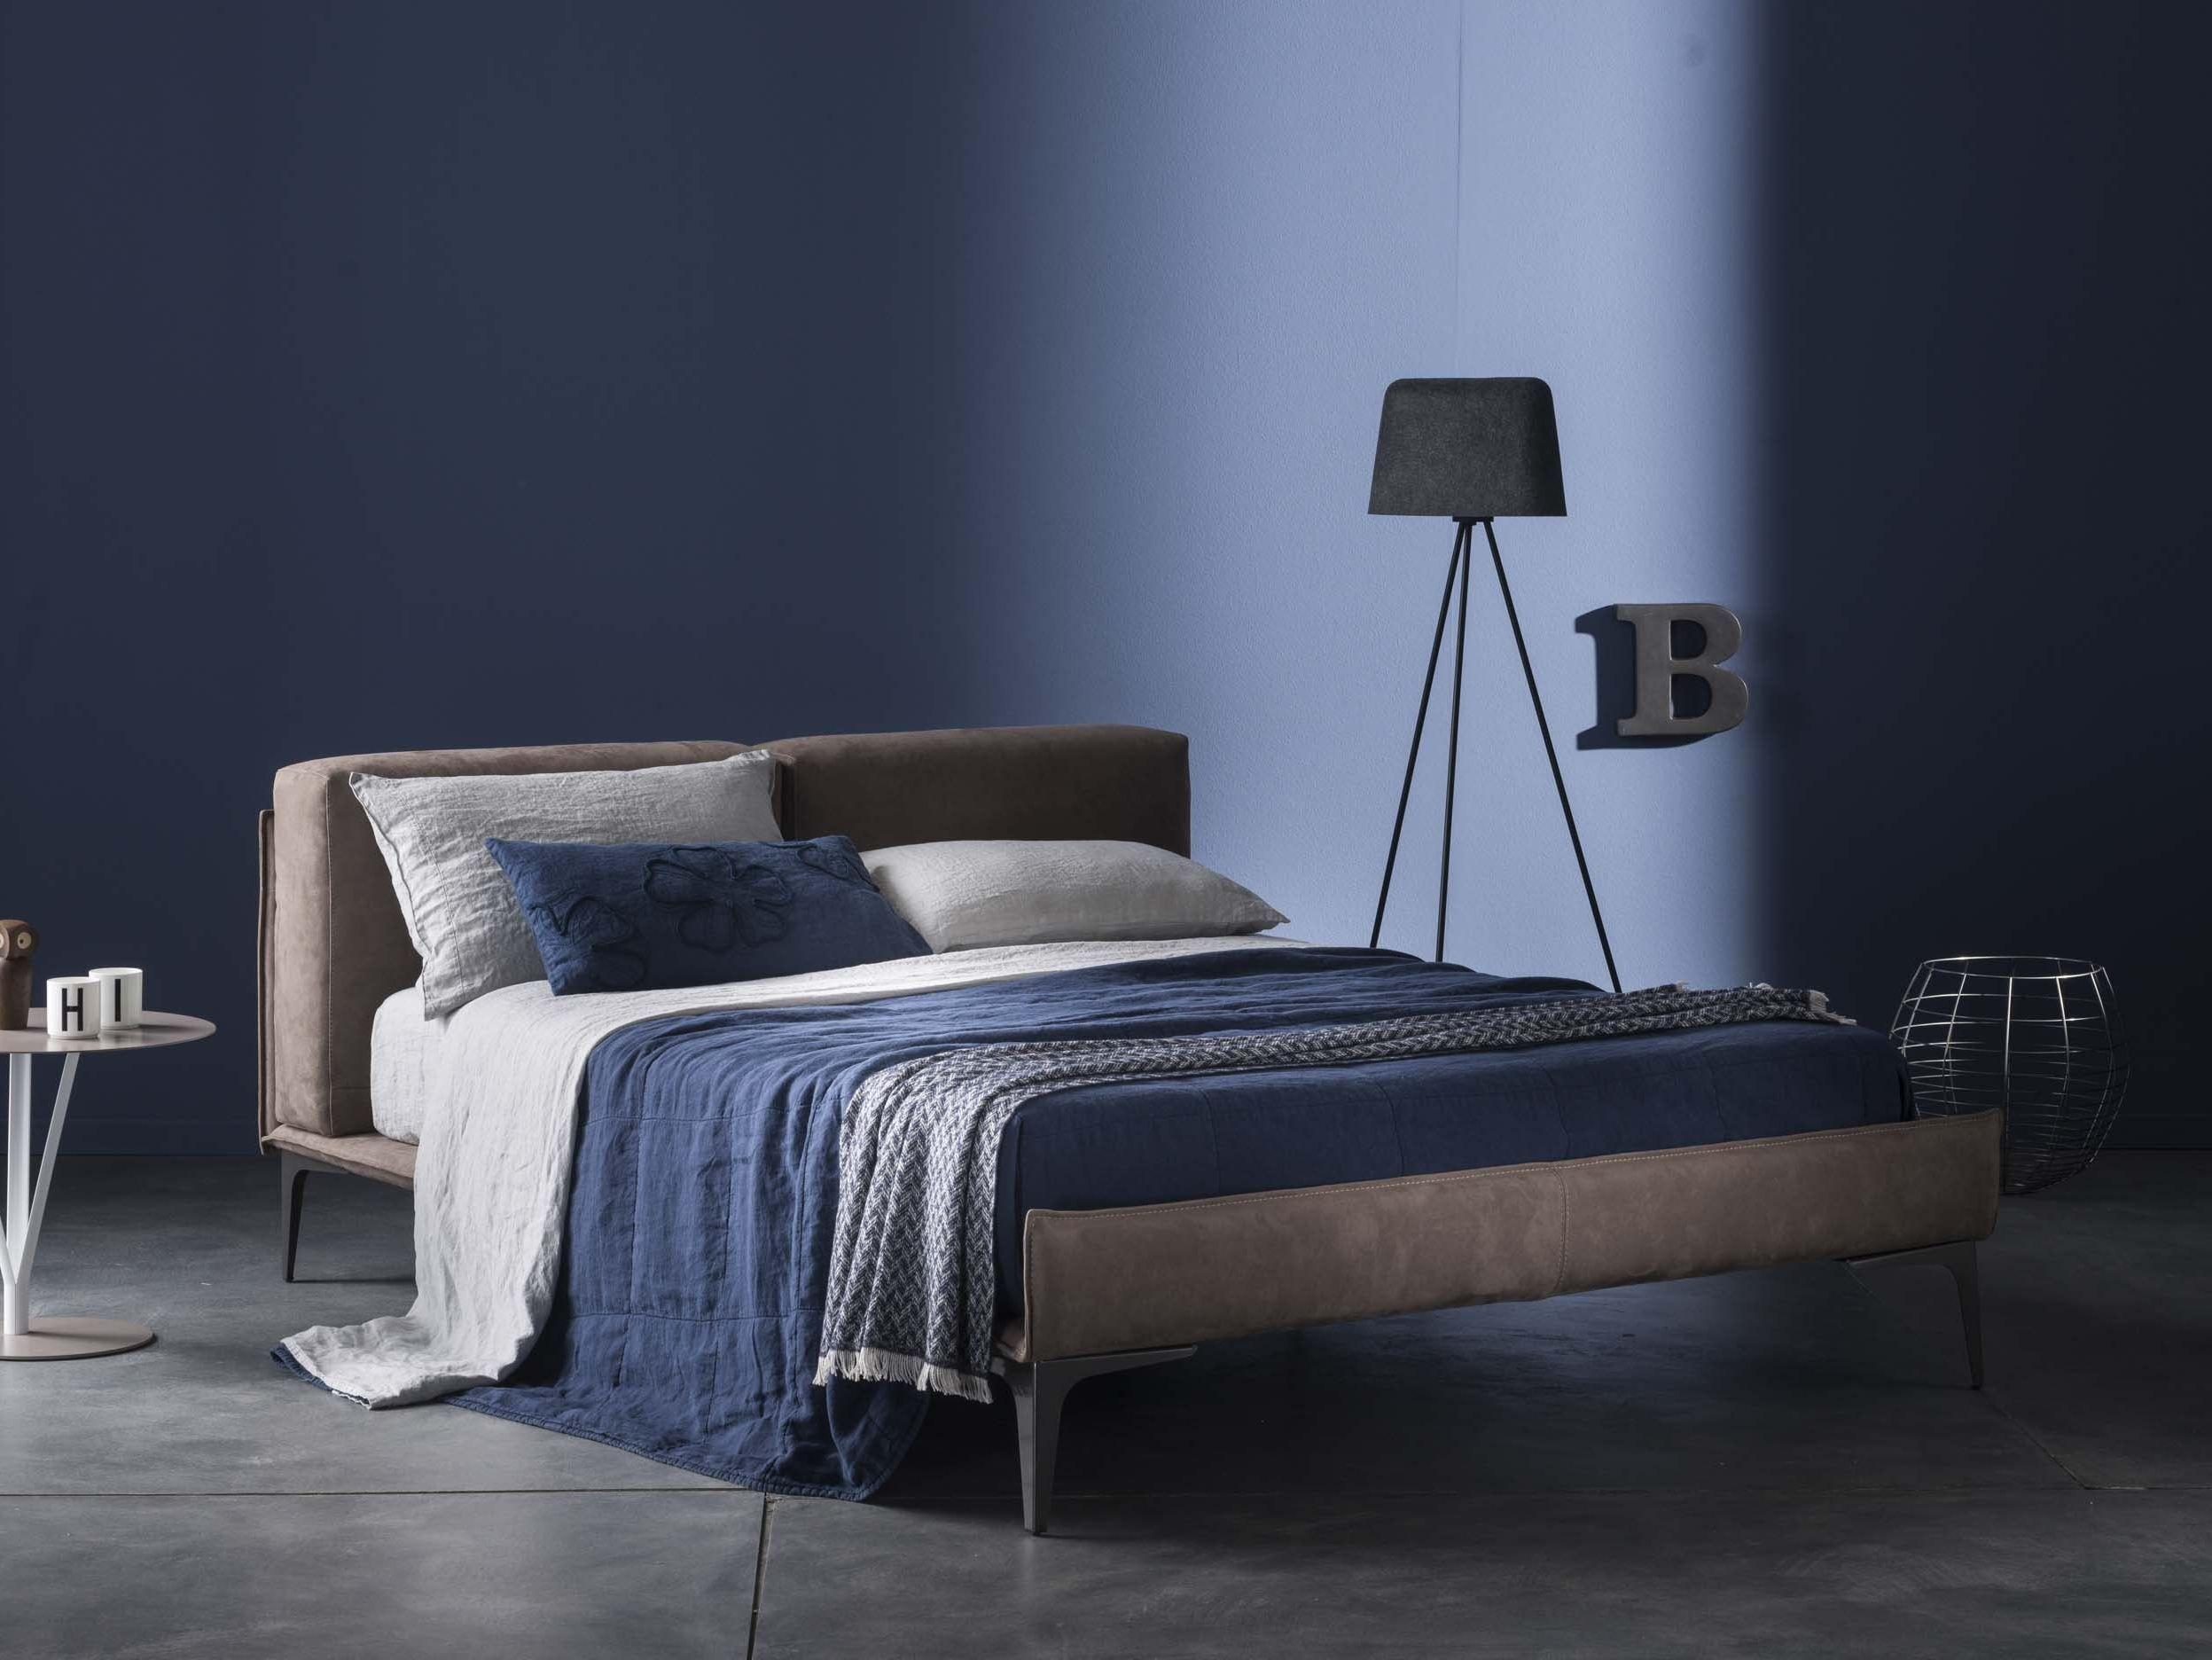 Primula coordinato letto by la fabbrica del lino by bergianti pagliani design luca pagliani - La fabbrica del lino letto ...